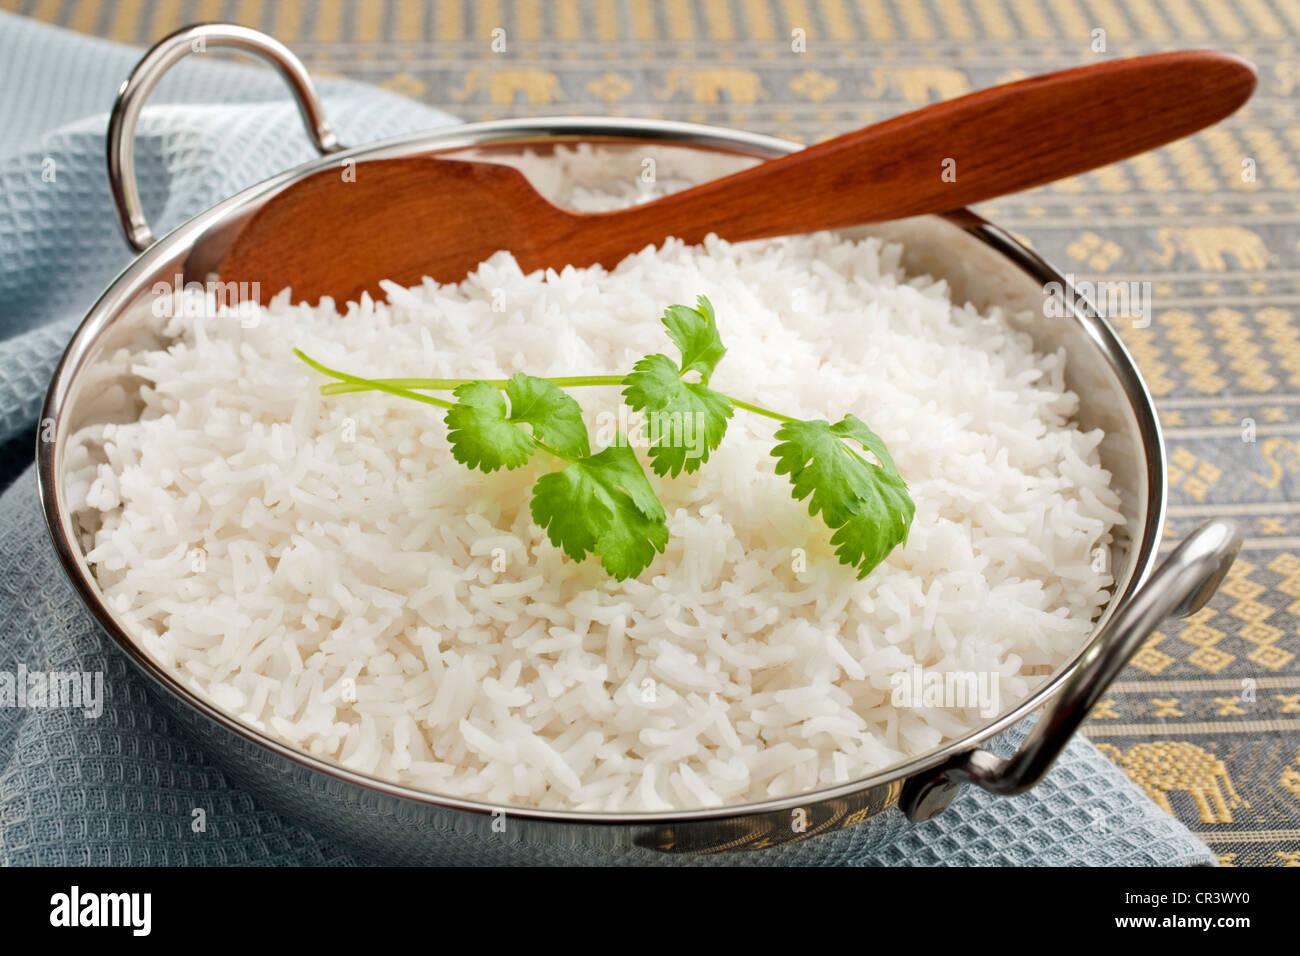 Le riz Basmati dans un steel karahi, garni de coriandre,avec une cuillère en bois. Photo Stock